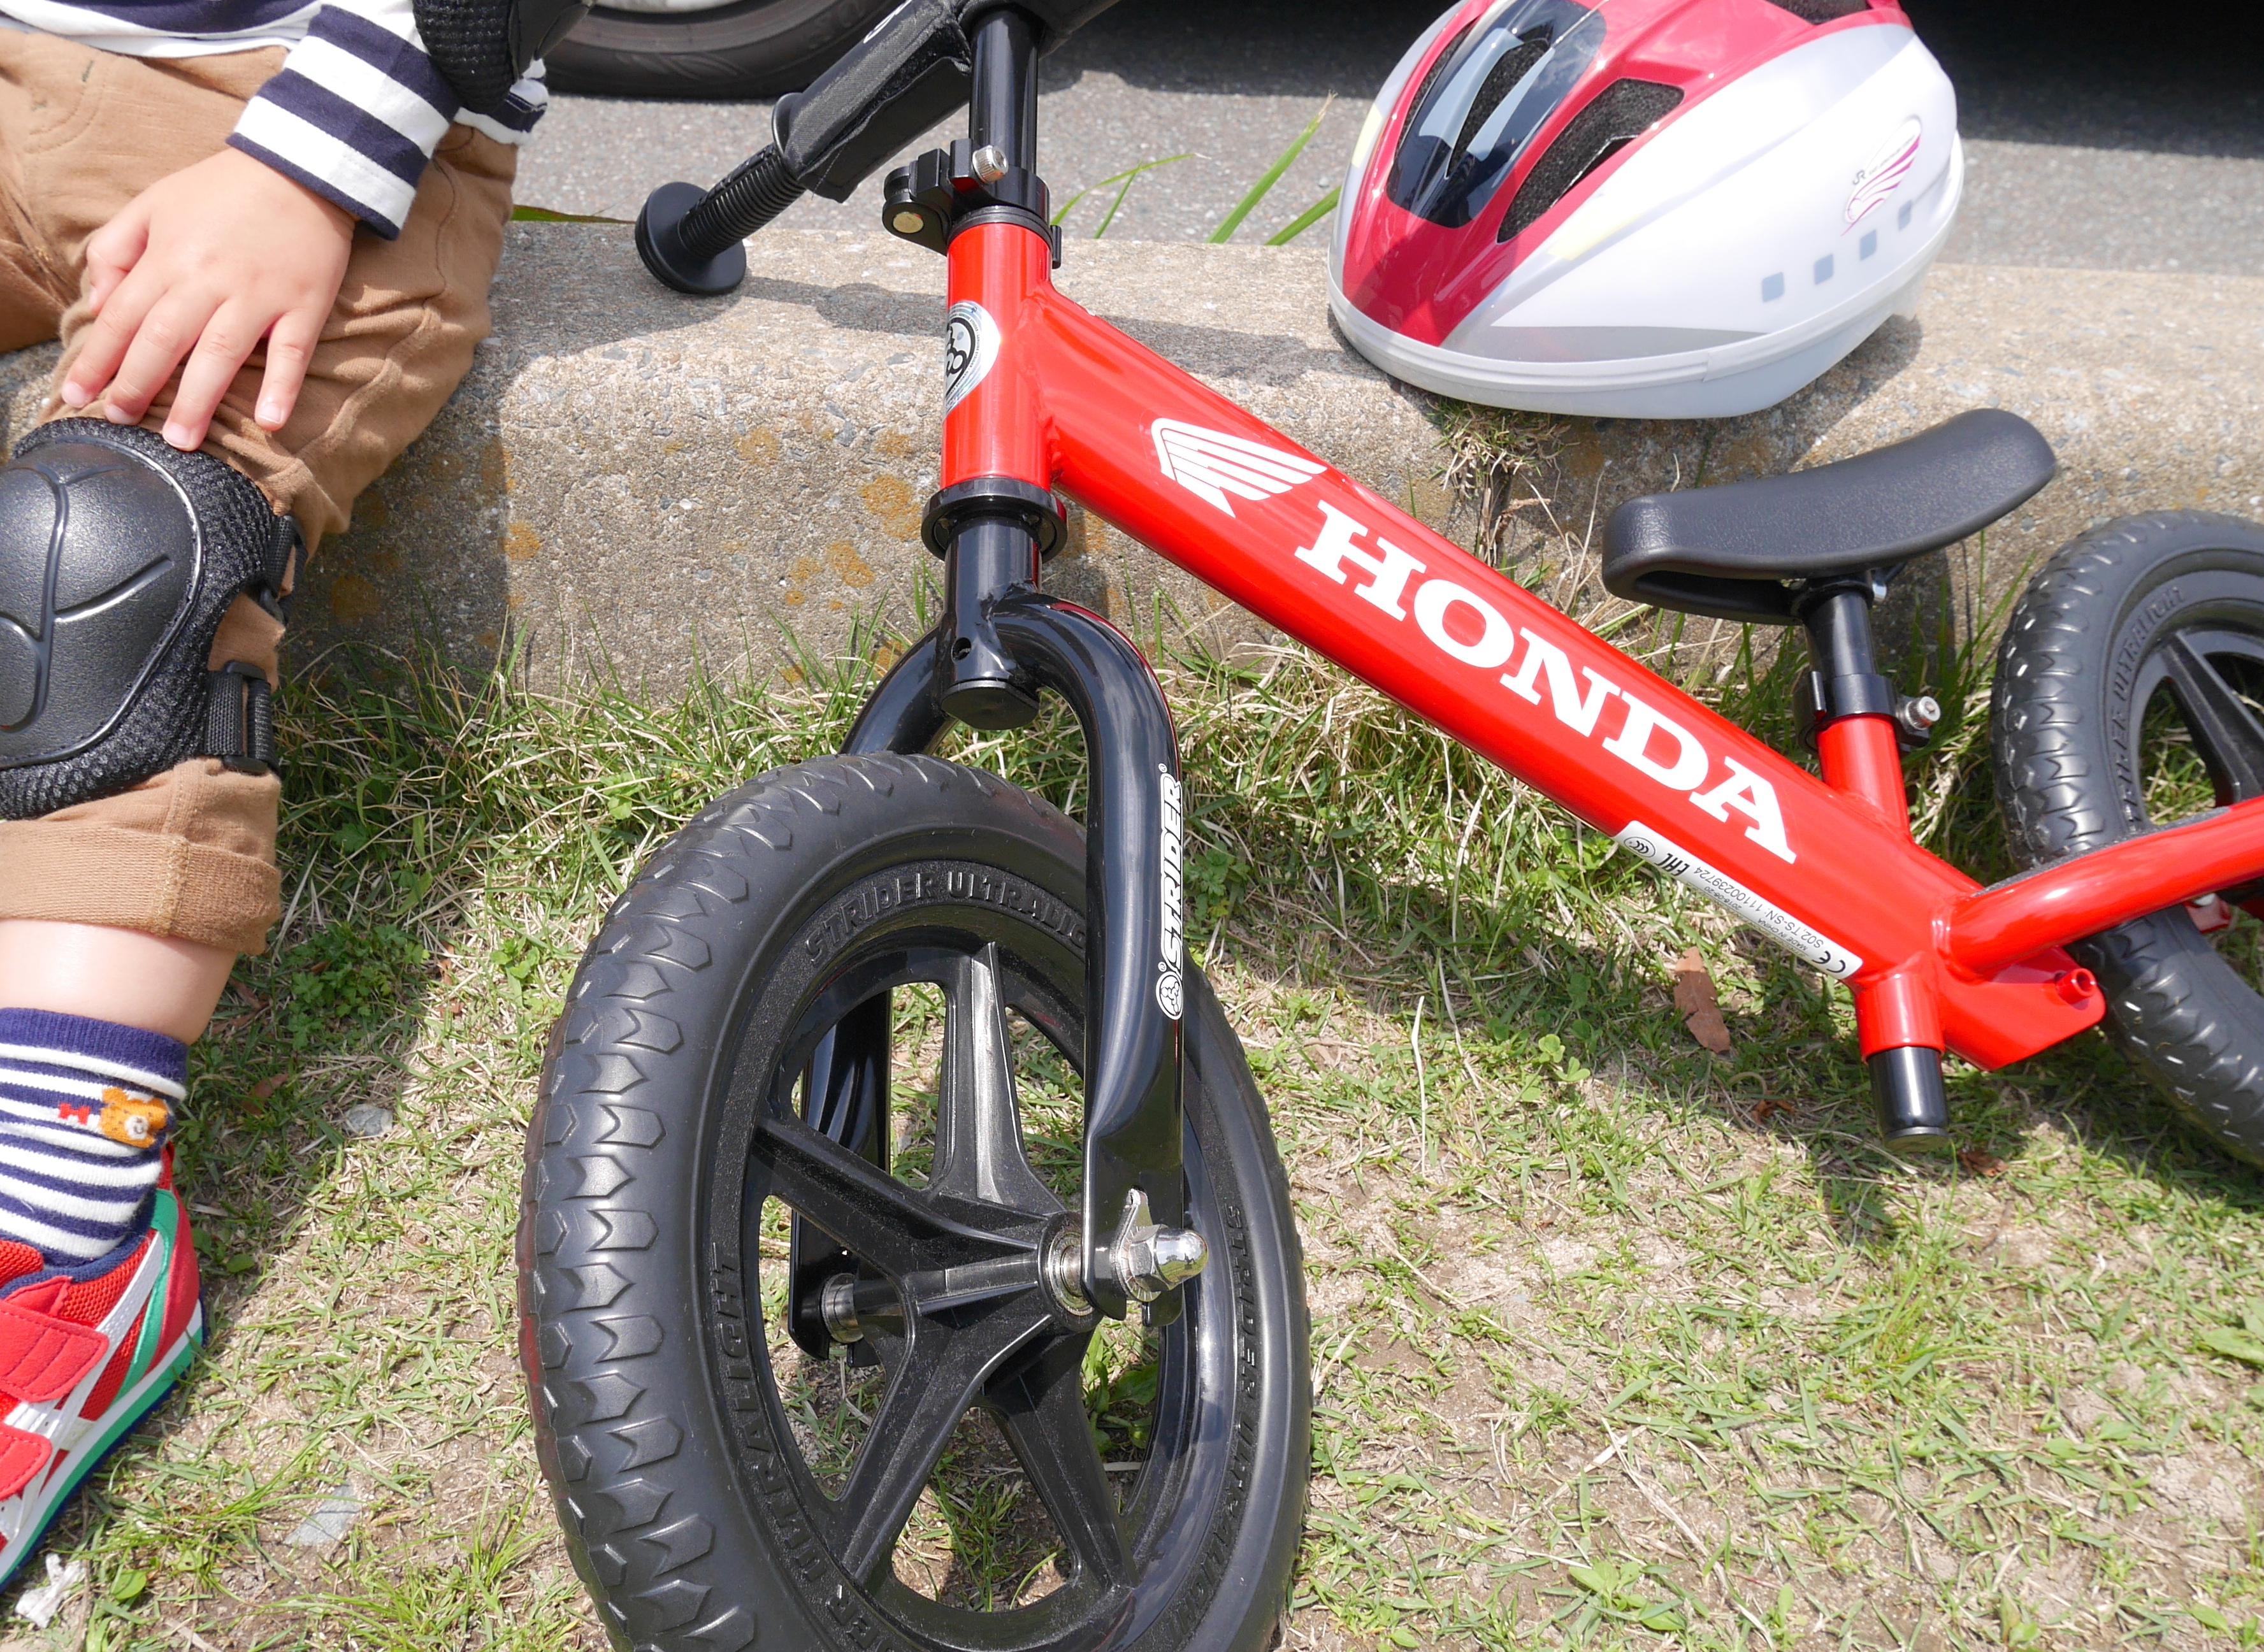 【最新】おすすめペダルなし自転車・バランスバイク・ランニングバイク【まとめ】